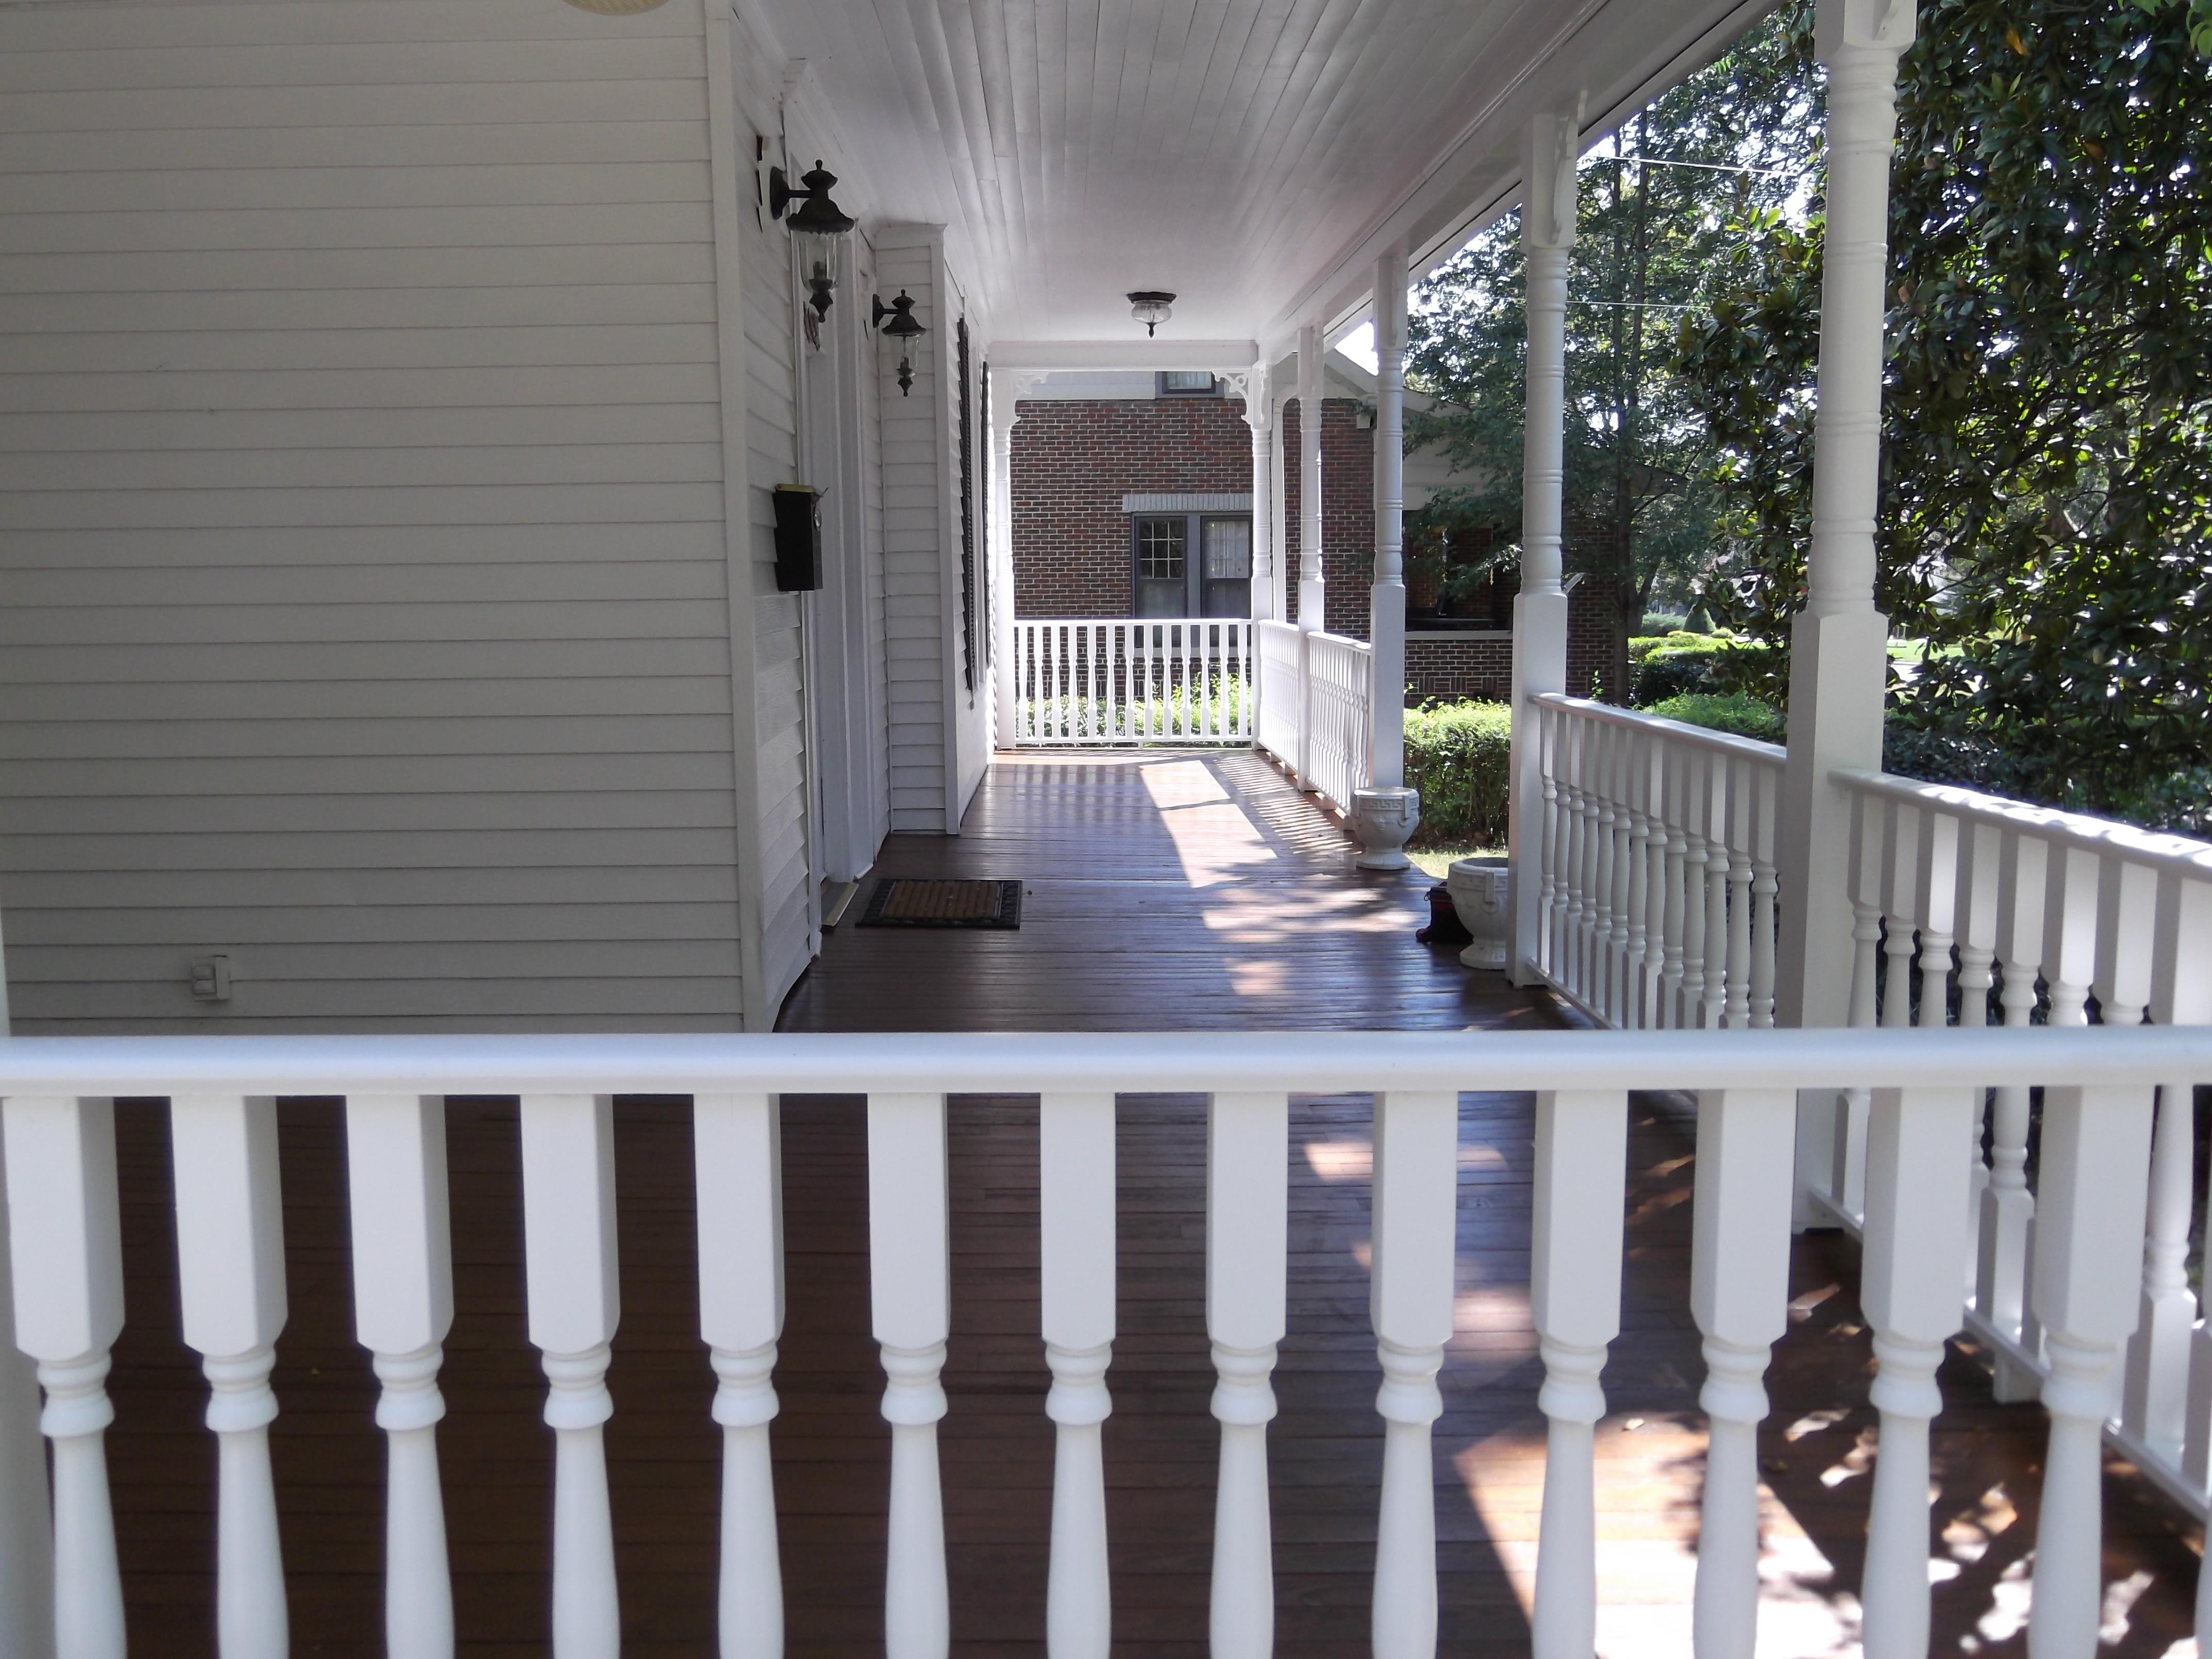 12-15-2011 025.jpg